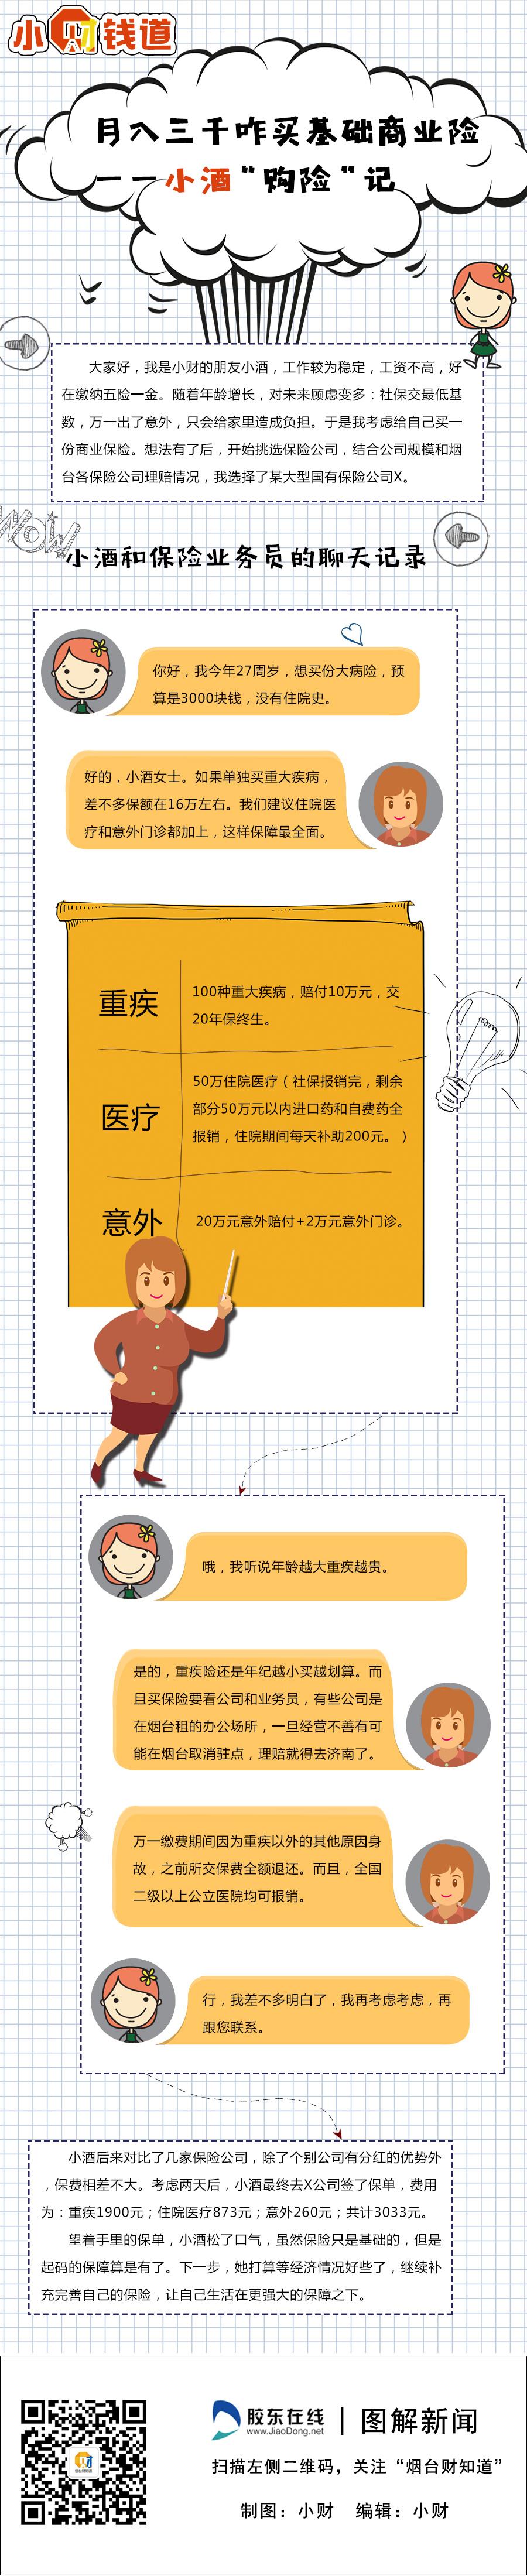 """月入三千如何购买基础商业保险――小酒""""购险""""记"""